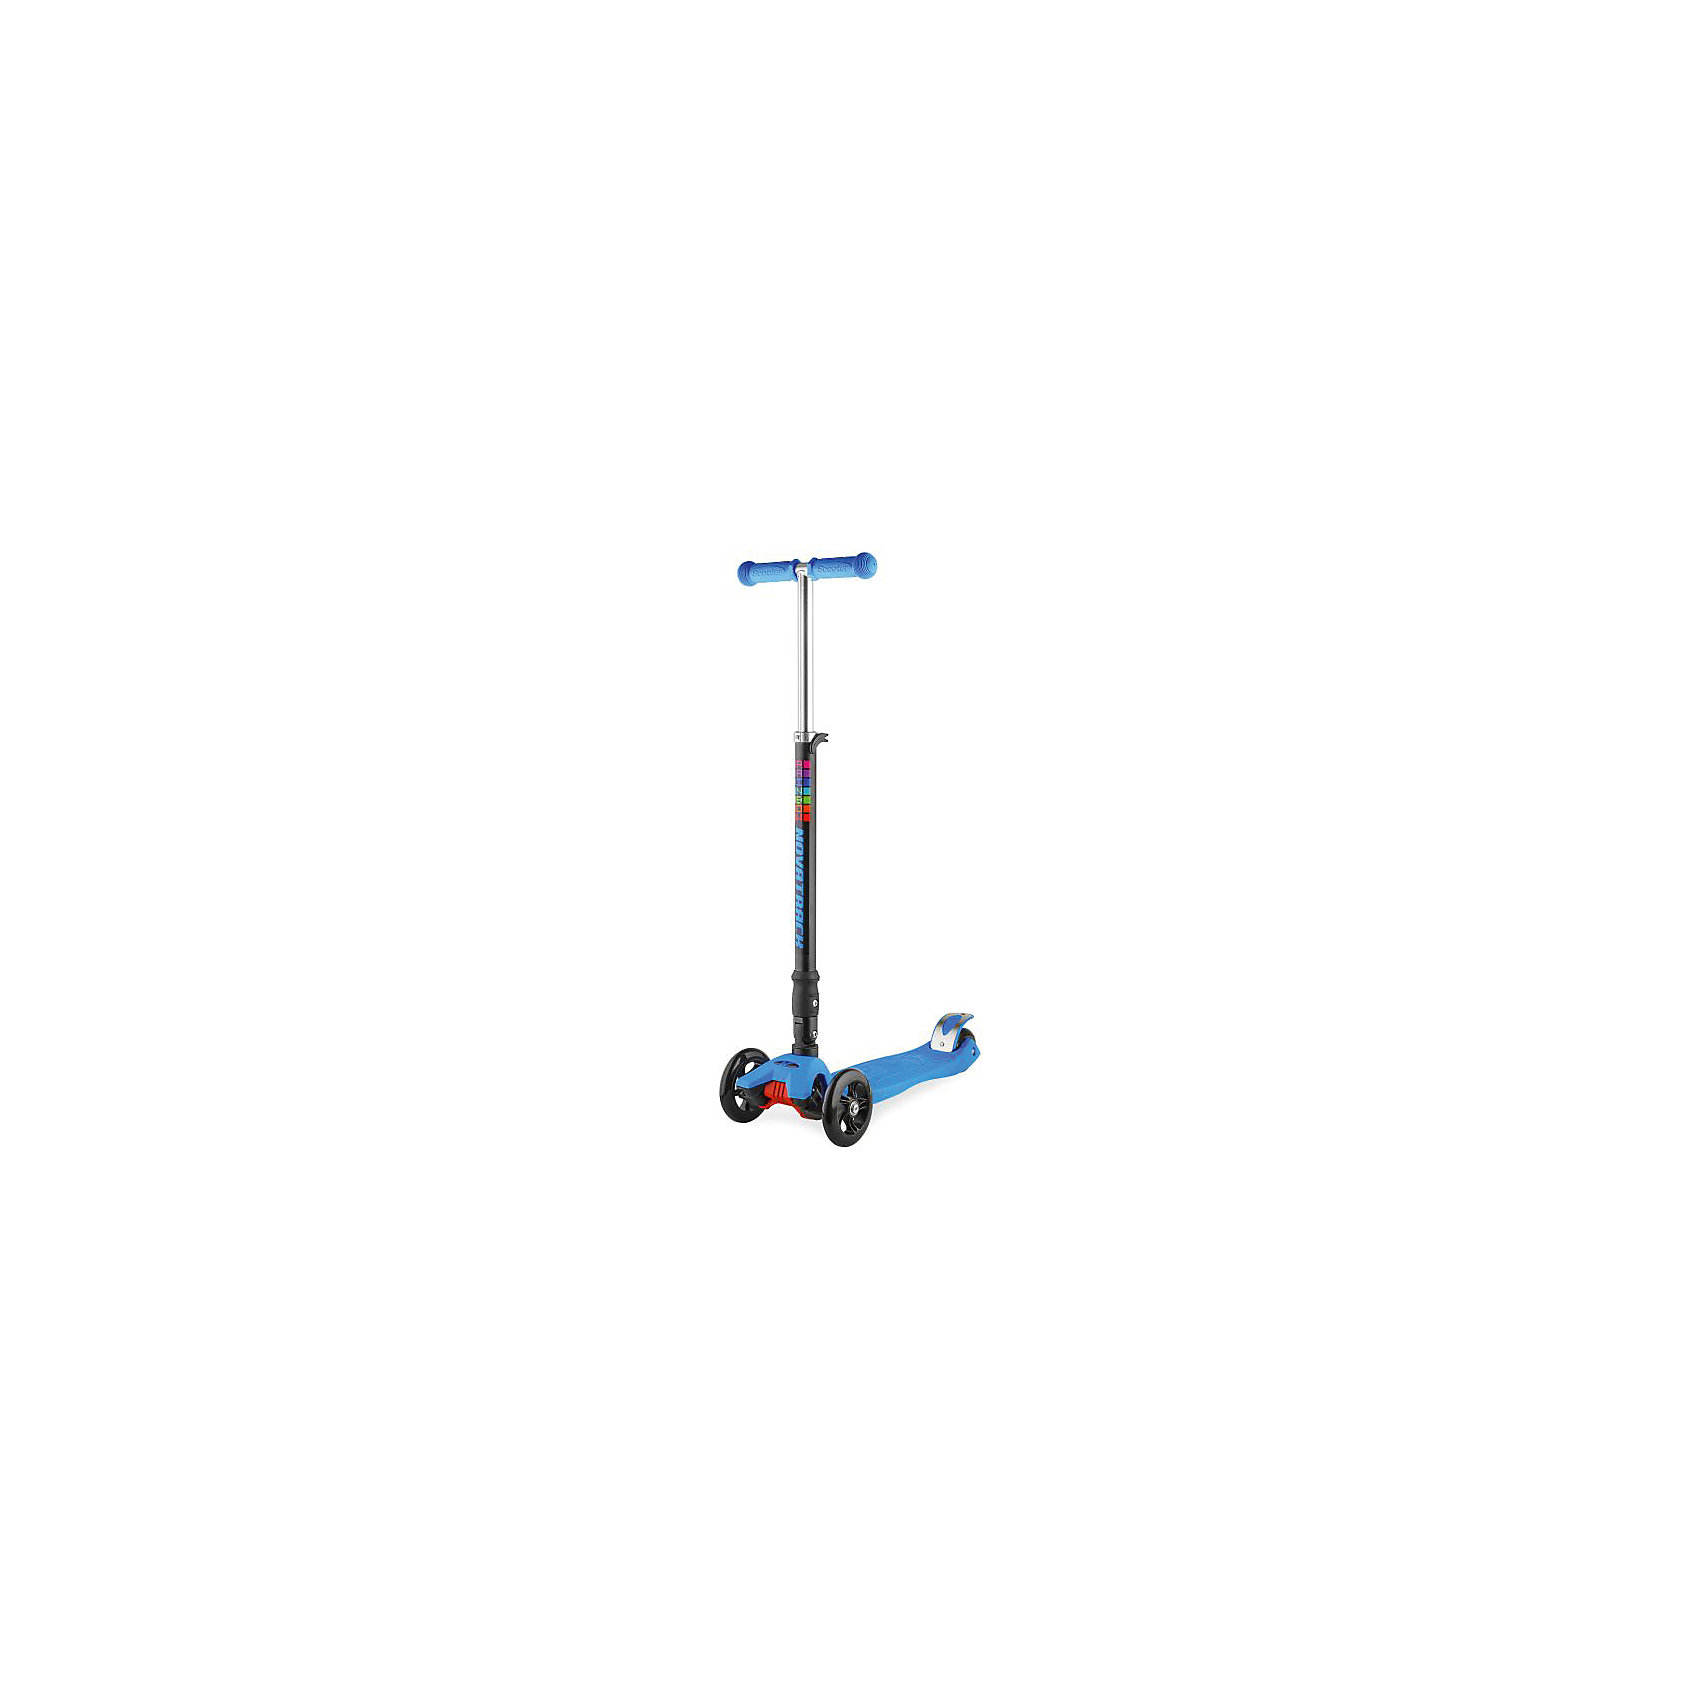 Самокат-кикборд подростковый RainBow, складной, 60 кг, голубой, NovatrackСамокаты<br>Характеристики товара:<br><br>• цвет: голубой<br>• возраст от 3 лет<br>• прорезиненные накладки на руле<br>• максимальная нагрузка до 70 кг<br>• материал: пластик, алюминий<br>• материал колес полиуретан<br>• подшипник АВЕС 7<br>• диаметр передних колес: 12 см<br>• диаметр заднего колеса: 8 см<br>• высота руля 83 см<br>• размер упаковки 60х28х15 см<br>• вес упаковки 3,245 кг<br>• страна производитель: Китай<br><br>Самокат-кикборд подростковый складной, голубой, RainBow Novatrack понравится любителям активного времяпрепровождения на свежем воздухе. Благодаря 2 передним колесам самокат отличается хорошей устойчивостью. Самокат складывается, что позволяет переносить его, брать с собой в поездки и хранить дома, не занимая много места.<br><br>Самокат изготовлен из прочного алюминия, дека выполнена из ударопрочного пластика. Специальные прорезиненные накладки на руле не дают ладошкам соскальзывать во время катания. Подшипник обеспечивает бесшумную и ровную езду.<br><br>Самокат-кикборд подростковый складной, голубой, RainBow Novatrack  можно приобрести в нашем интернет-магазине.<br><br>Ширина мм: 600<br>Глубина мм: 150<br>Высота мм: 280<br>Вес г: 3245<br>Возраст от месяцев: 36<br>Возраст до месяцев: 2147483647<br>Пол: Унисекс<br>Возраст: Детский<br>SKU: 5528452